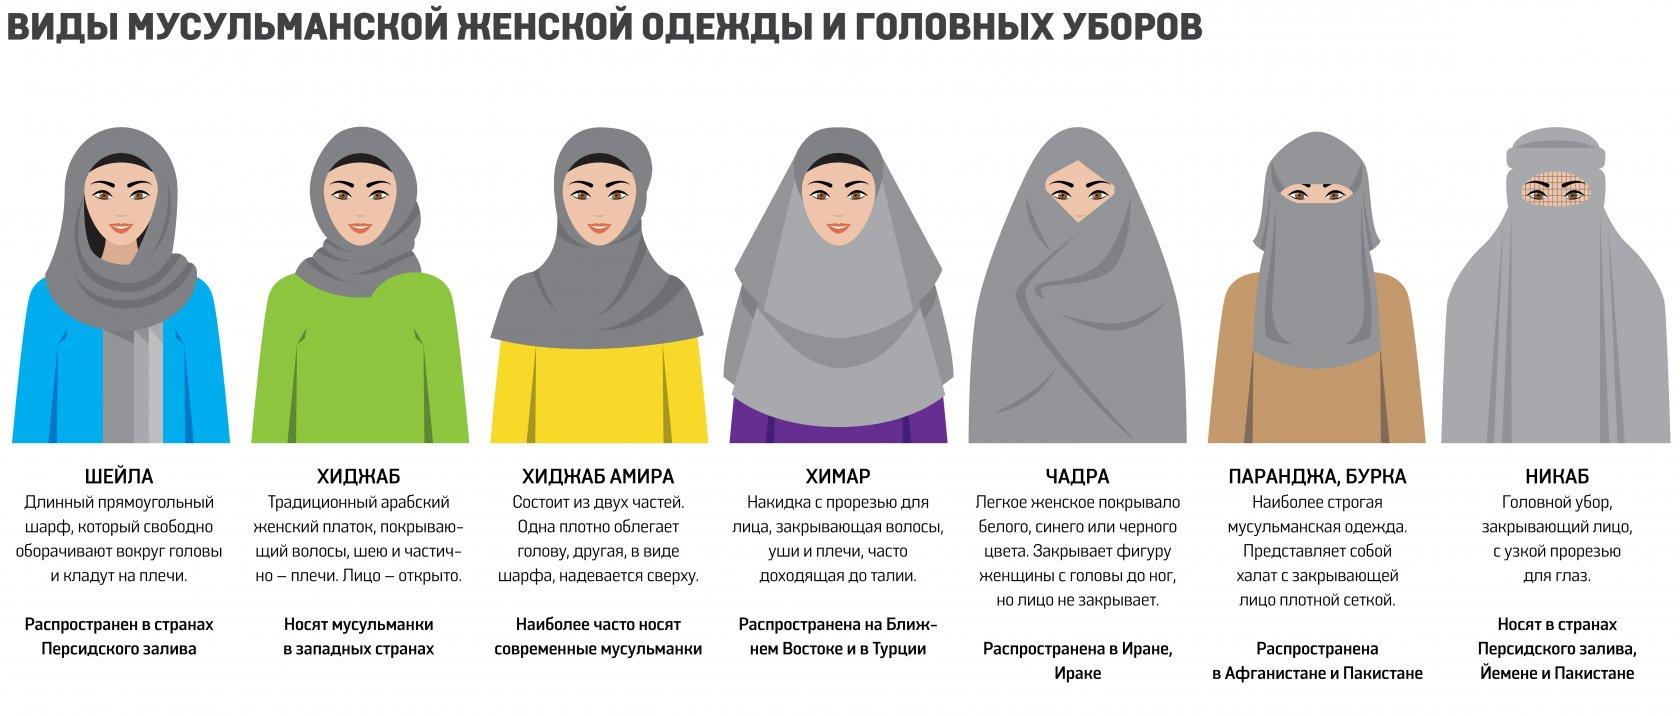 Почему по исламу нельзя рисовать